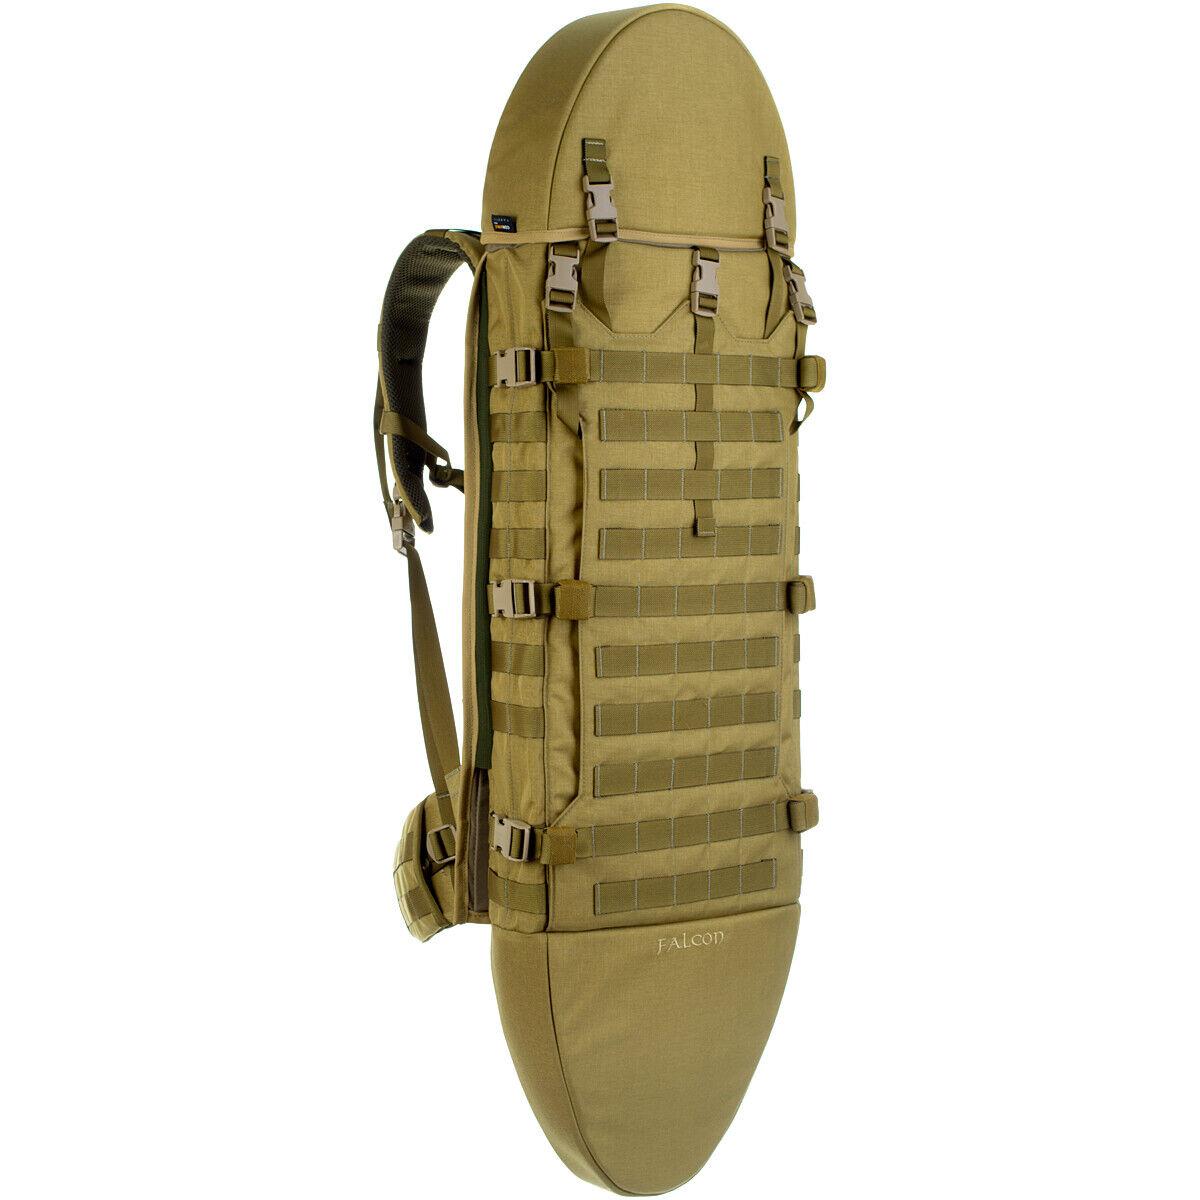 Wisport Falcon Zaino Delle Armi Polizia Militare Caccia MOLLE Esercito Coyote